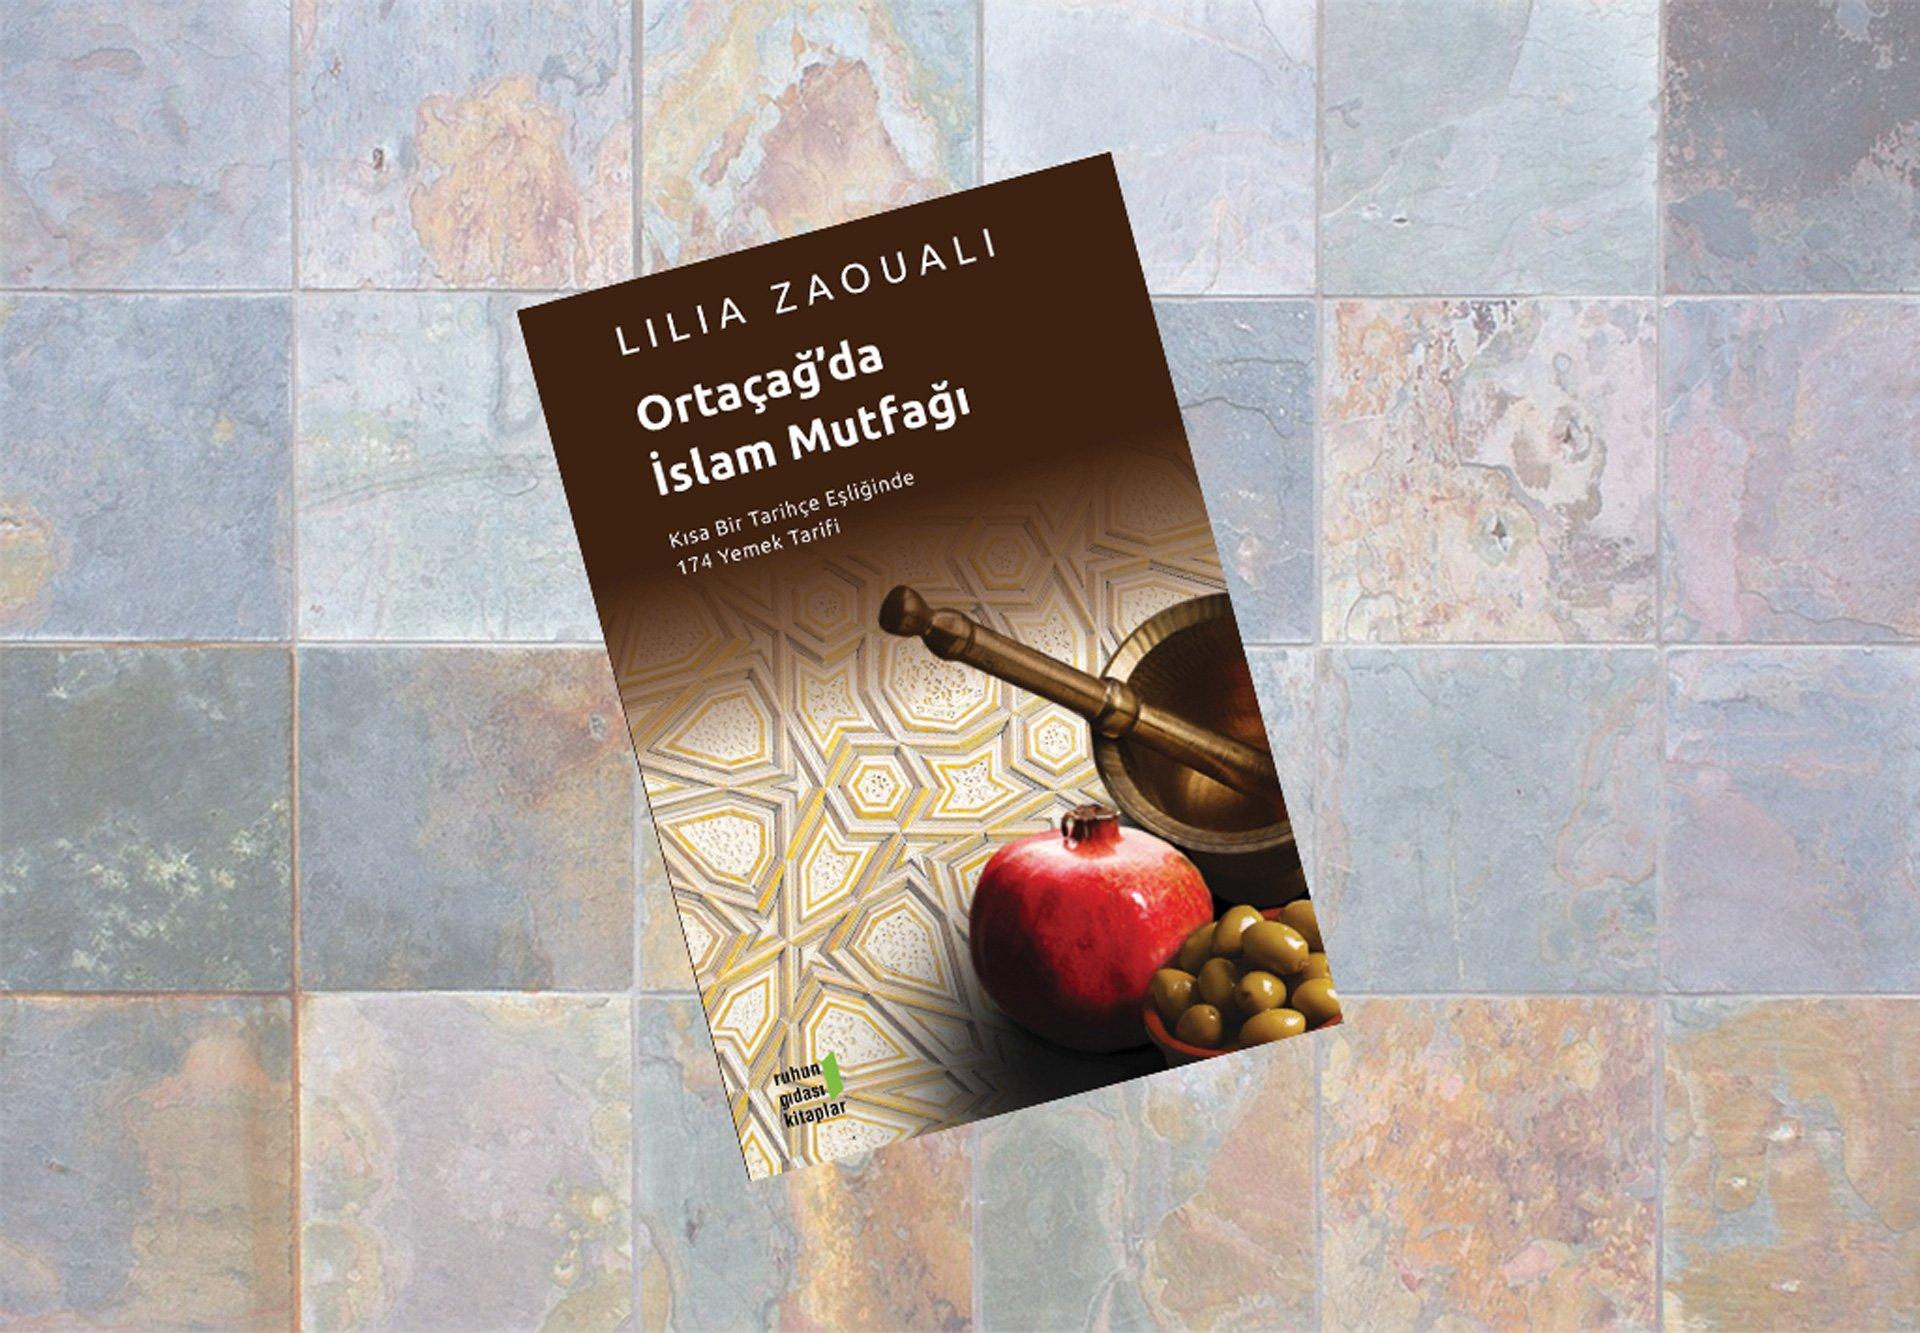 Ortaçağ'da İslam Mutfağı